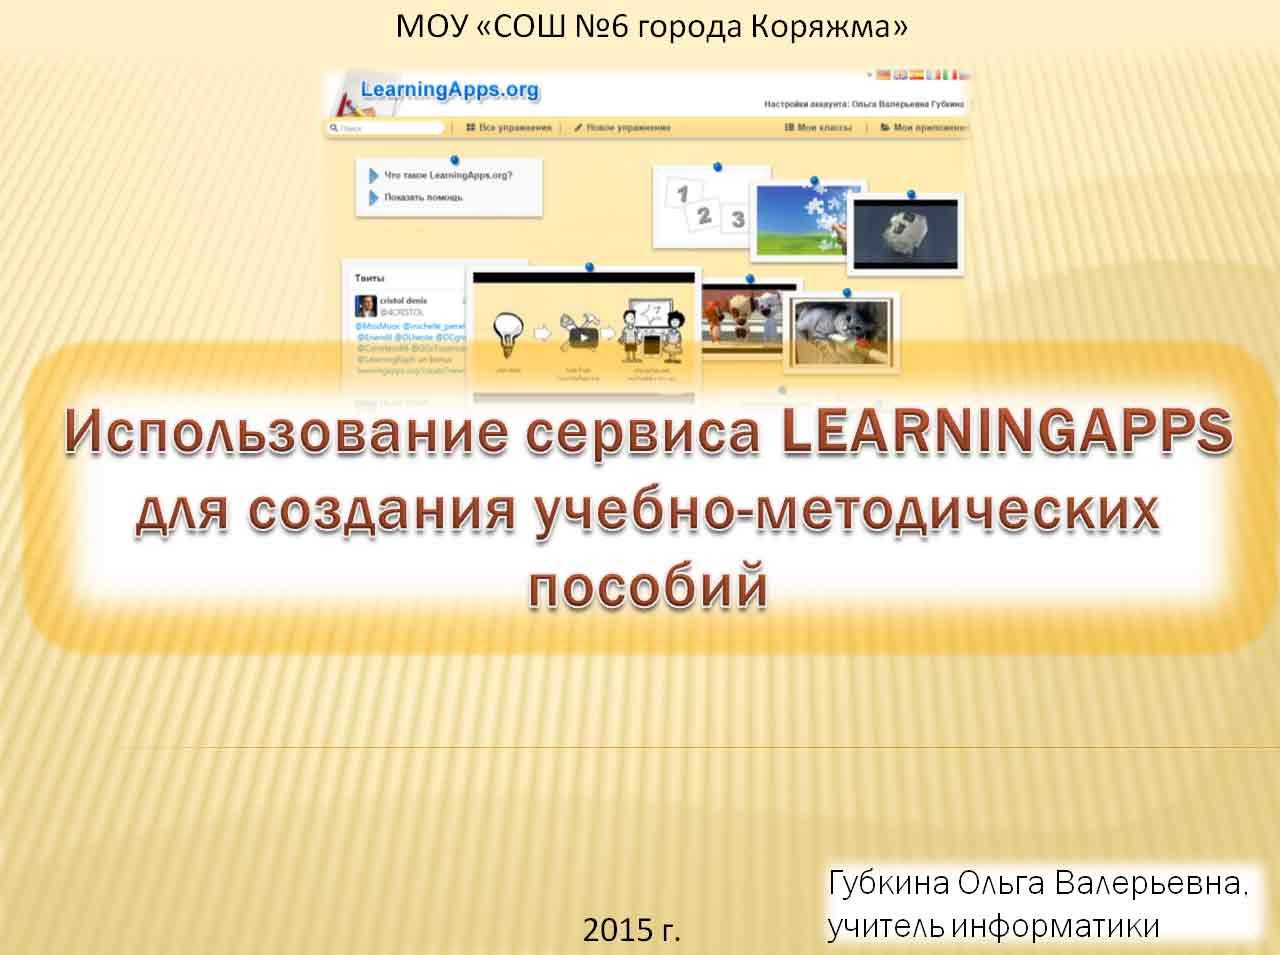 «Использование сервиса LEARNINGAPPS для создания учебно-методических пособий»